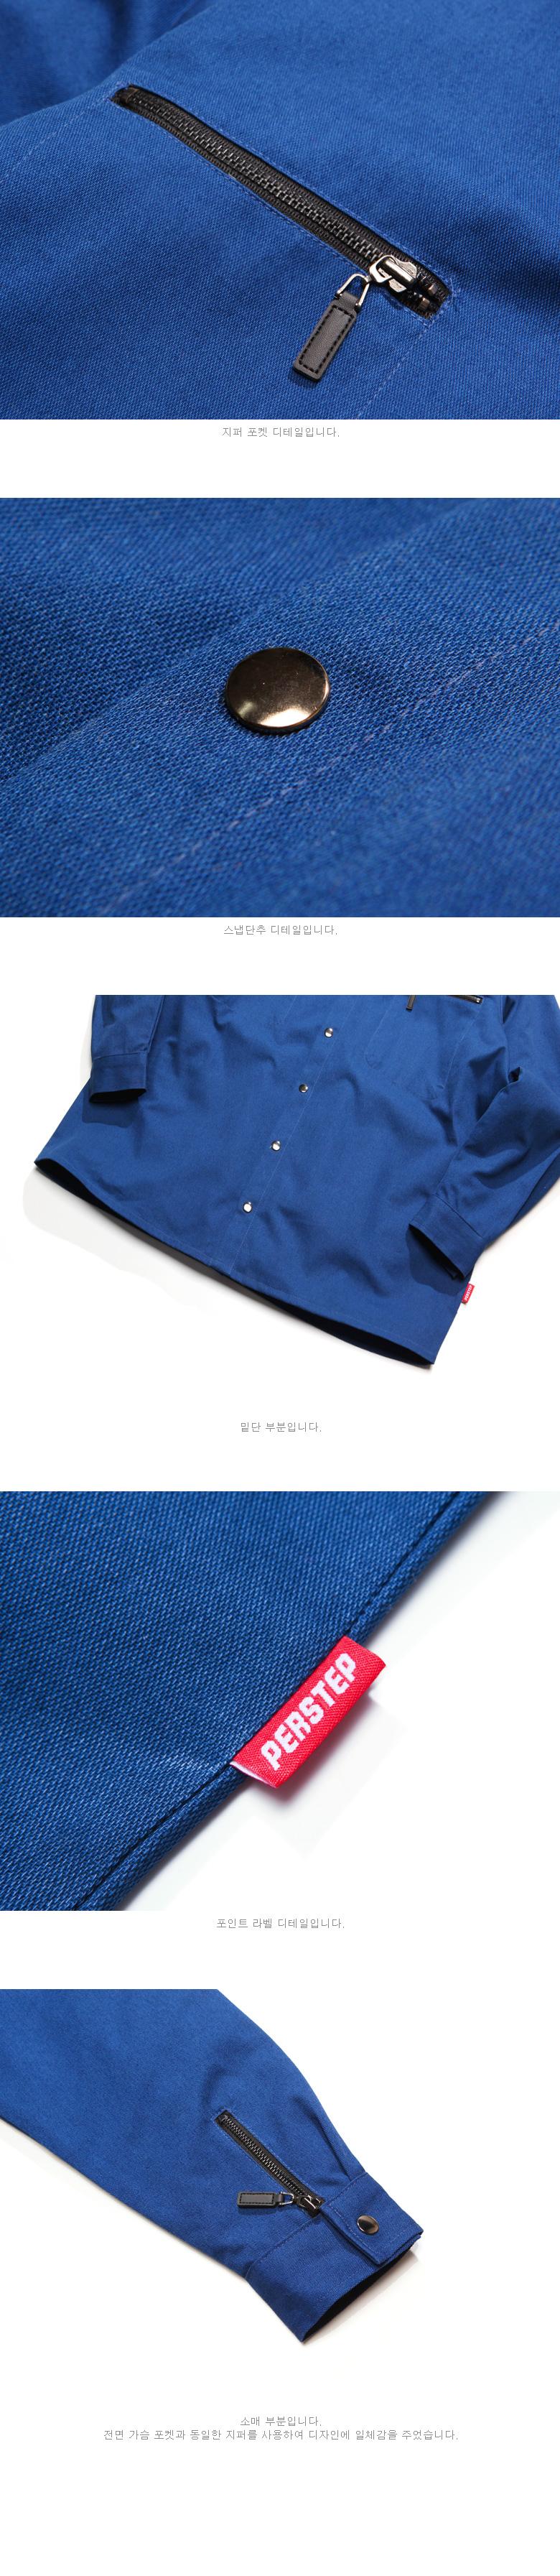 20180214_ps_roper_shirt_blue_uk_03.jpg